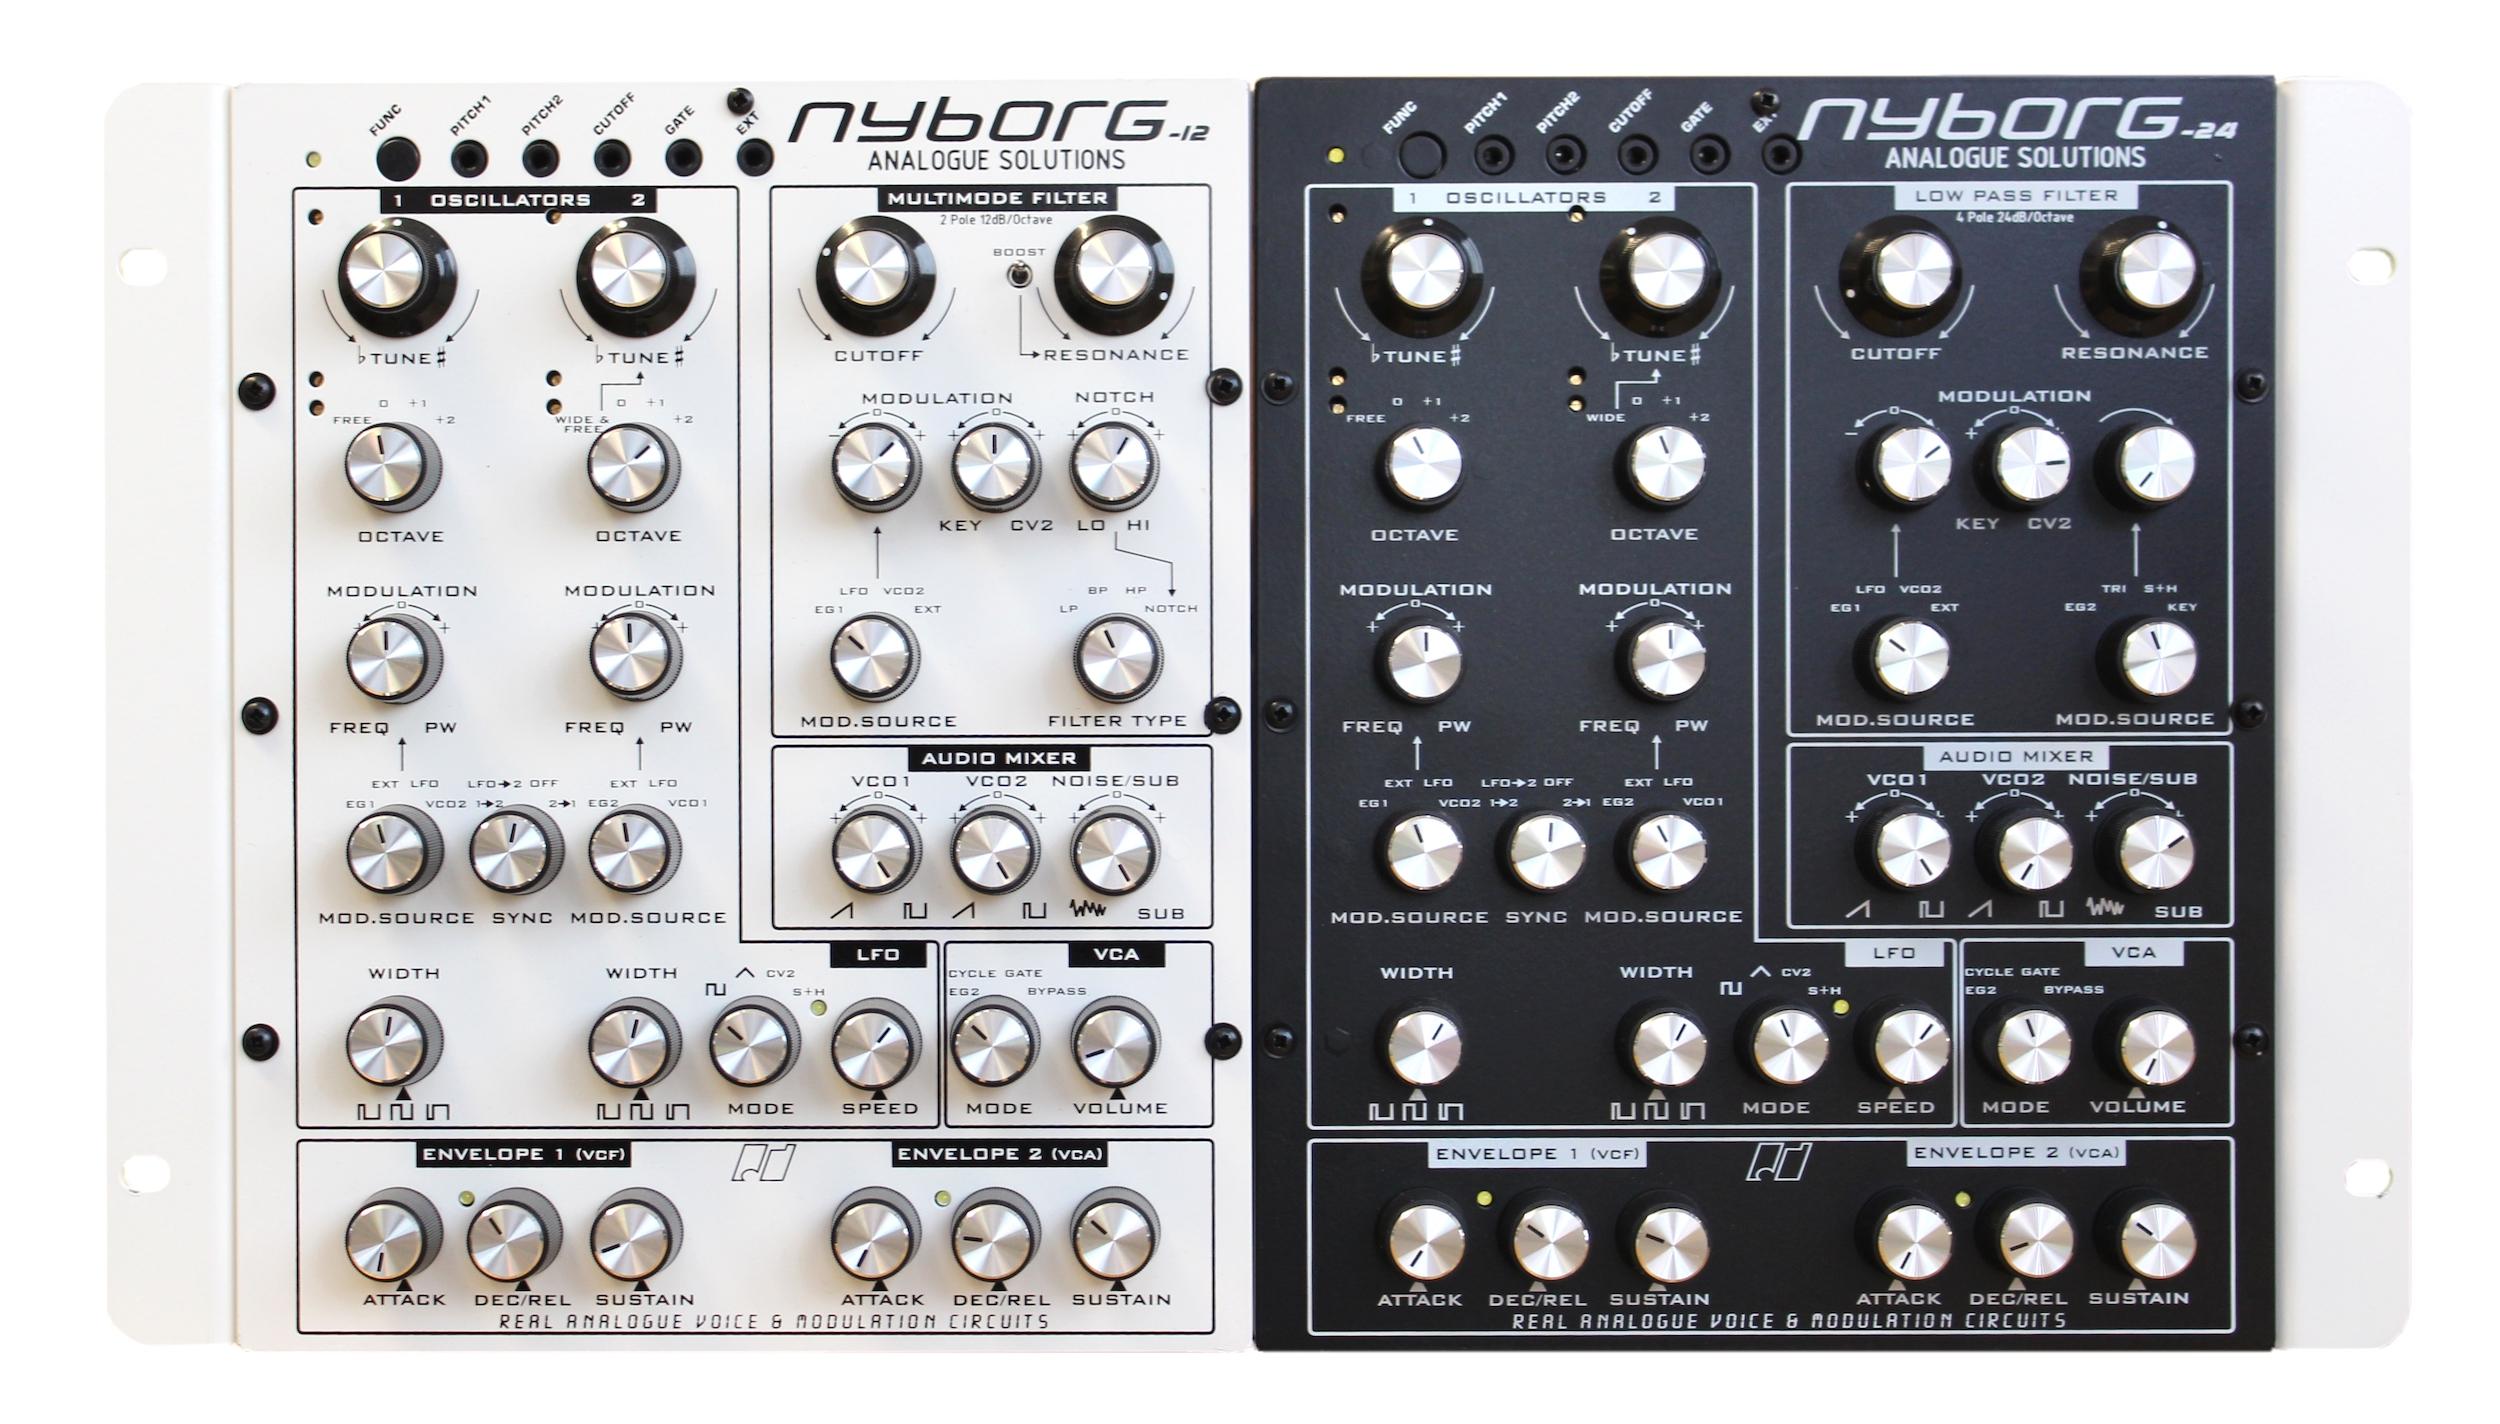 nyborg-pair-in-rack.jpg